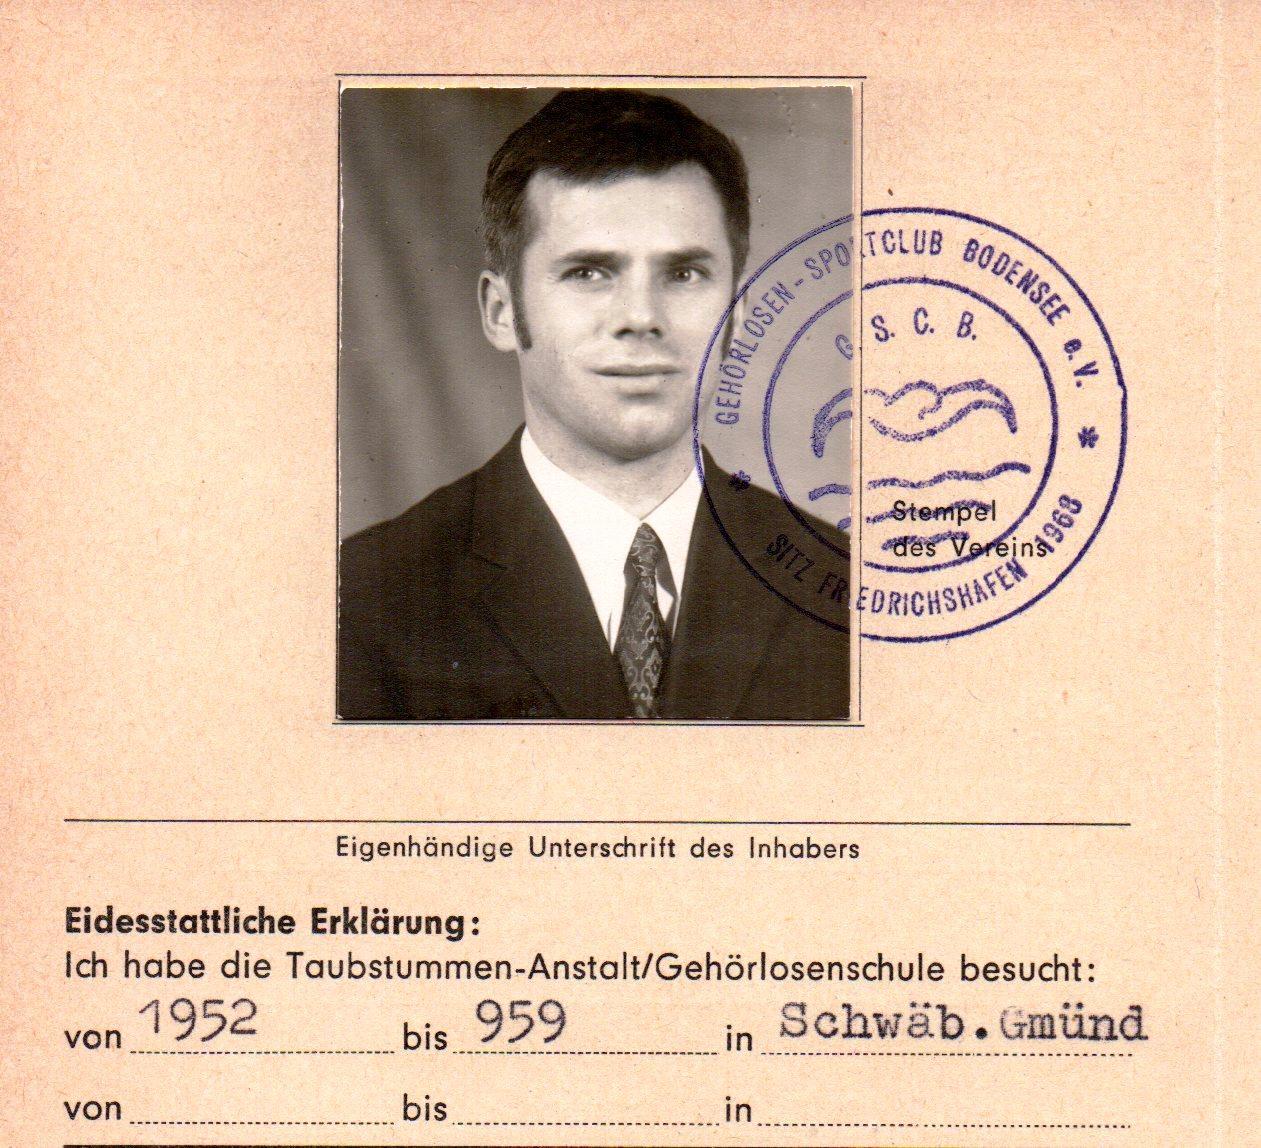 Gottfried Pfleghar